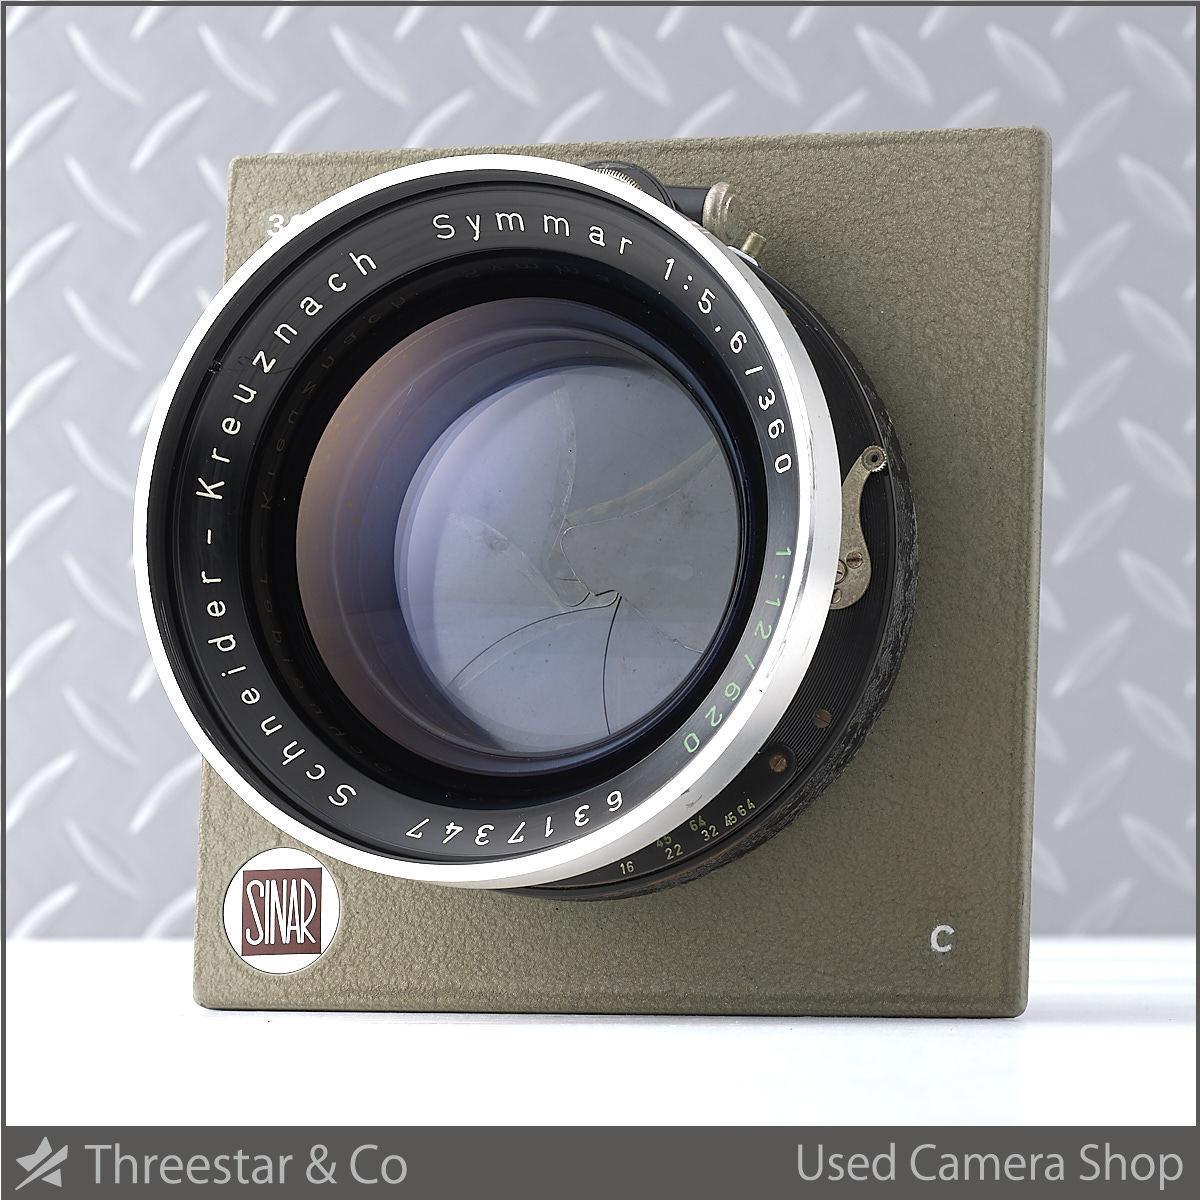 1円~ Schneider SYMMAR 360mm F5.6/620mm 1:12 チョイ訳ありにて シュナイダー